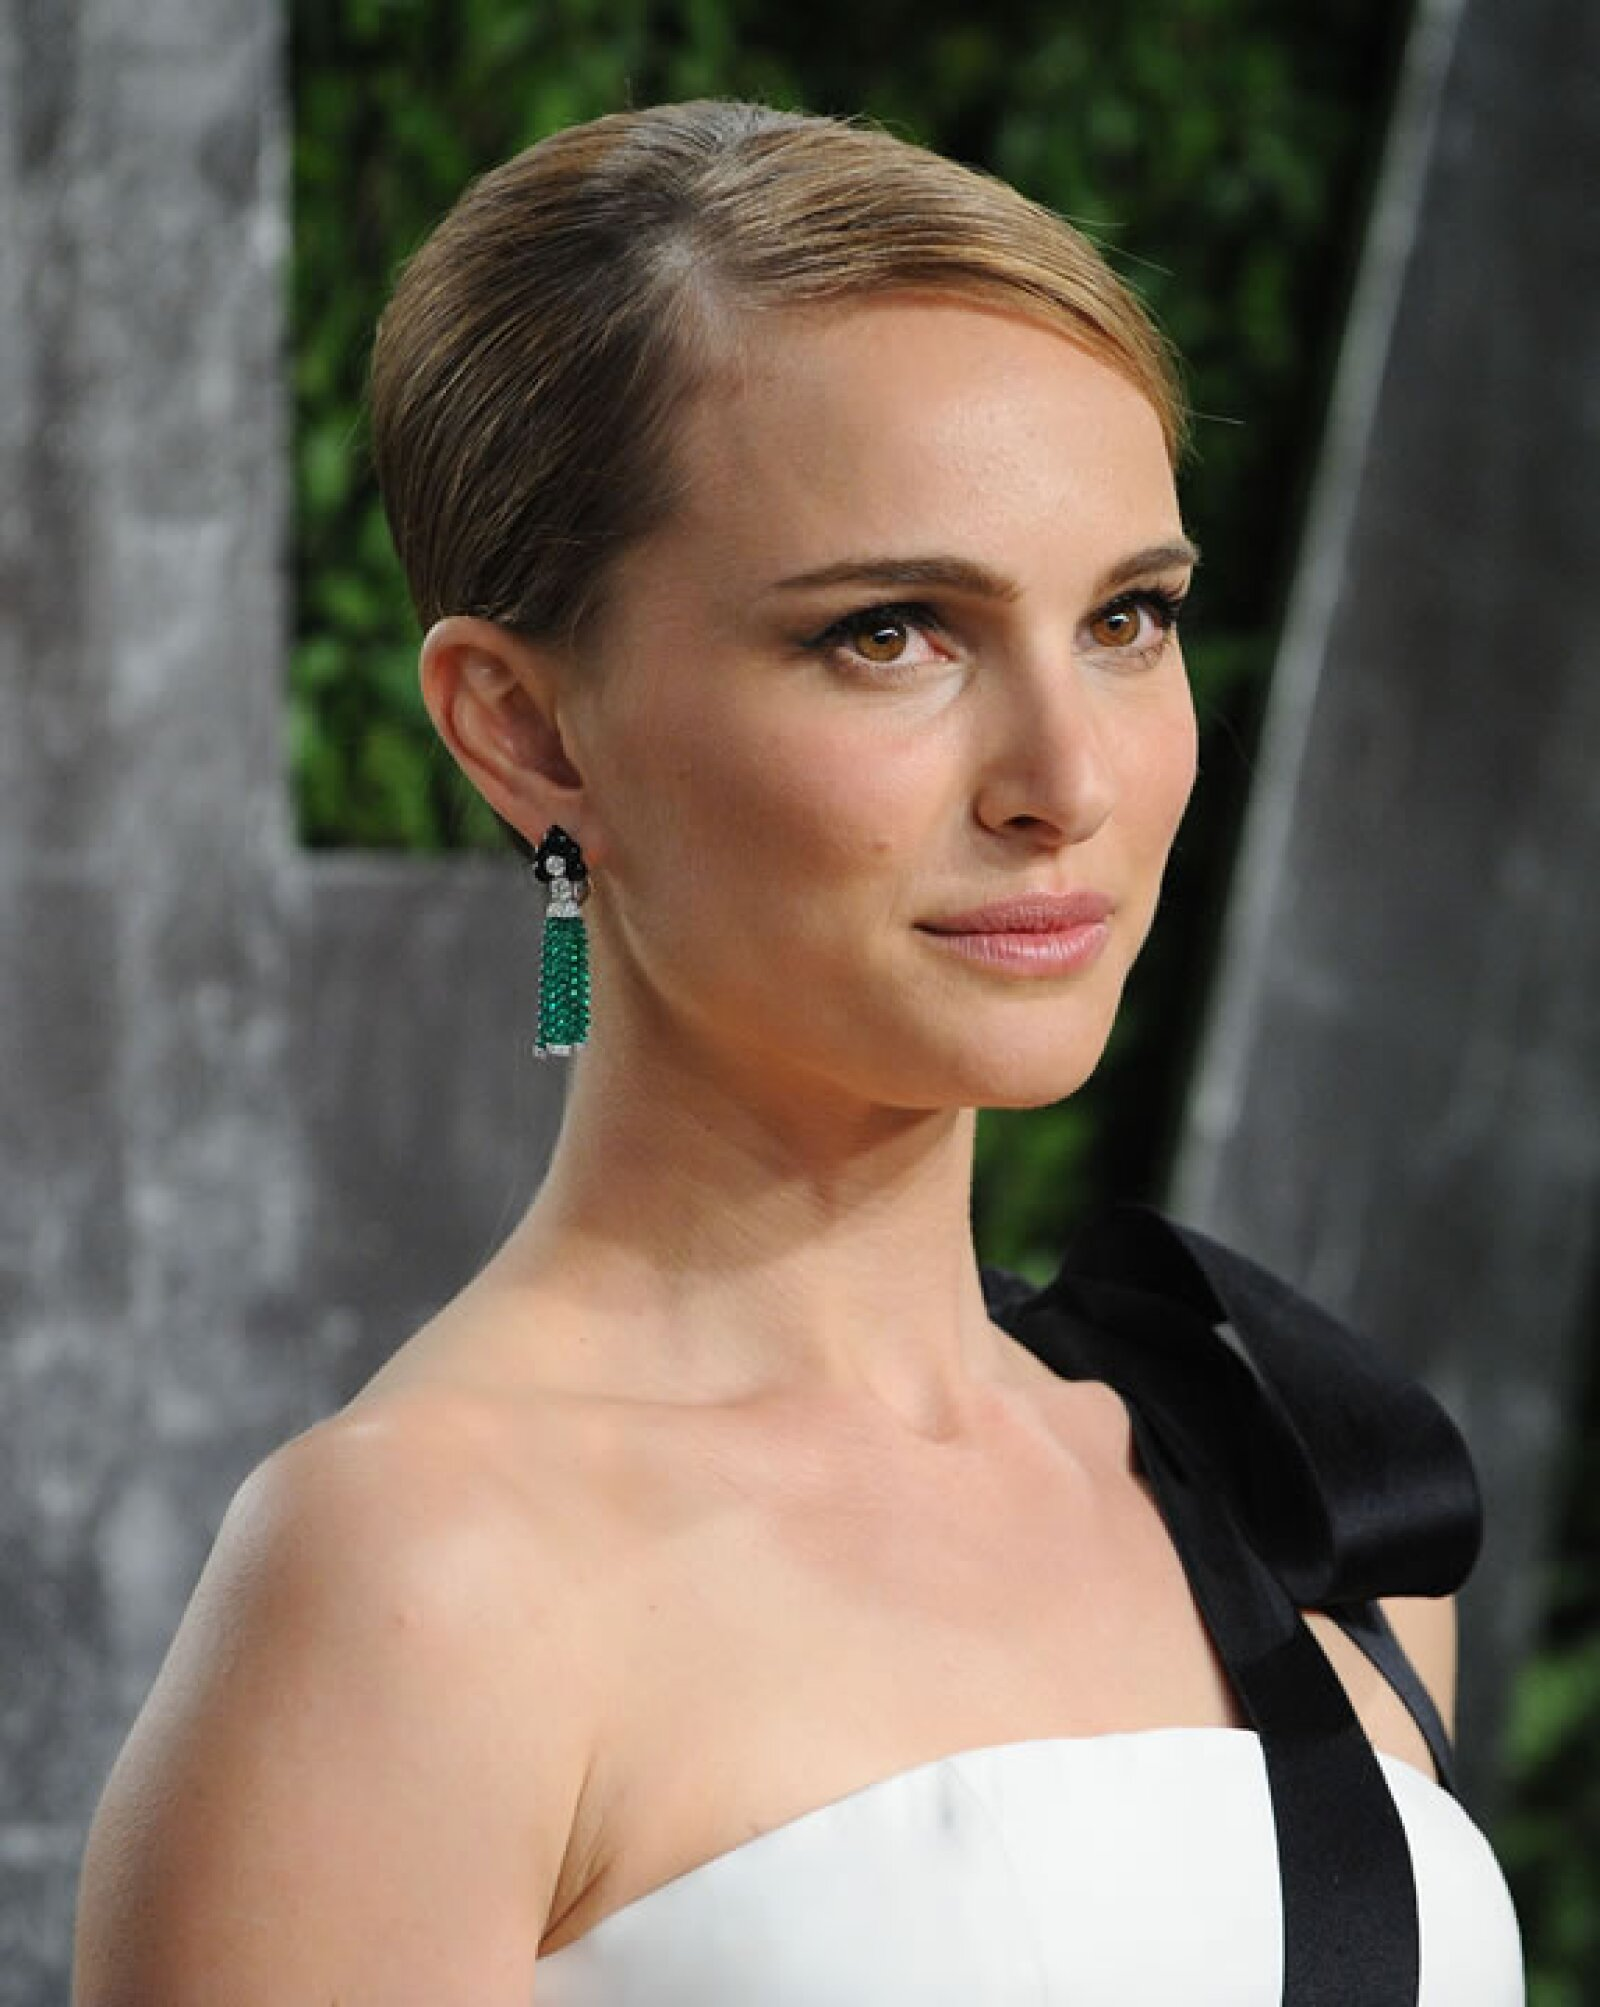 Natalie Portman además de convertirse en una gran actriz, se graduó de la carrera de Psicología en la prestigiosa universidad de Harvard.